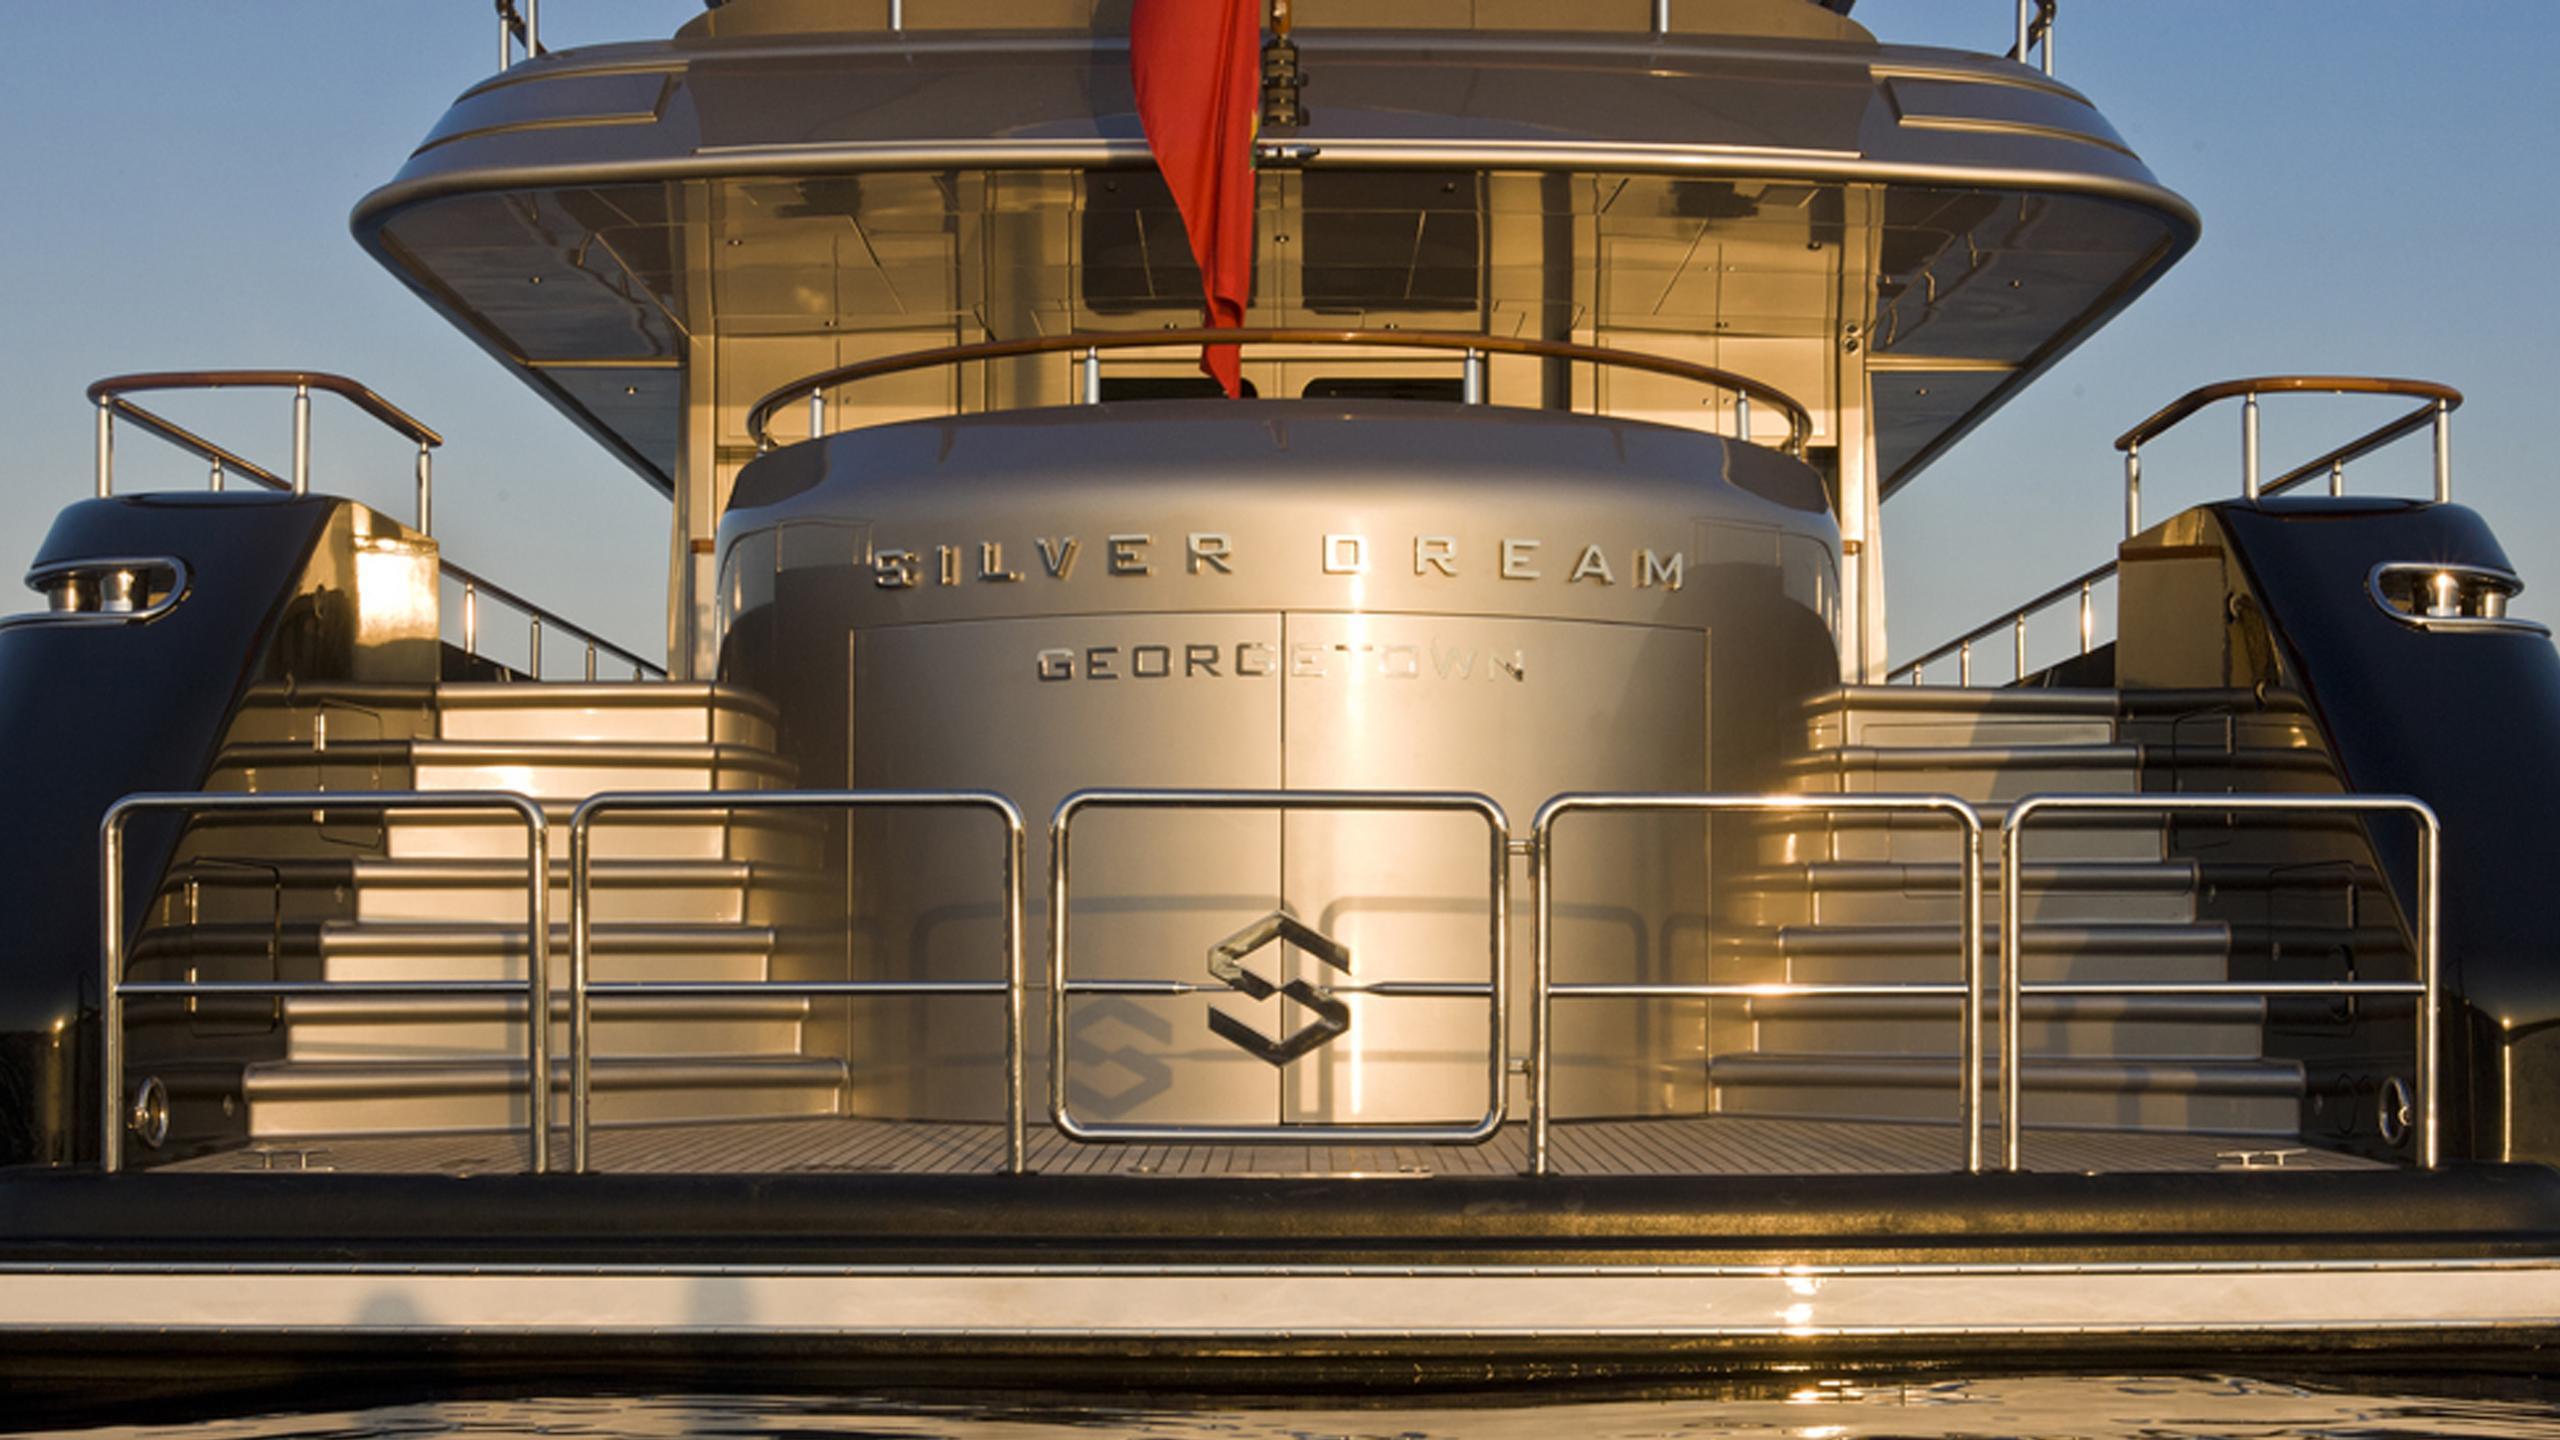 silver-dream-yacht-stern